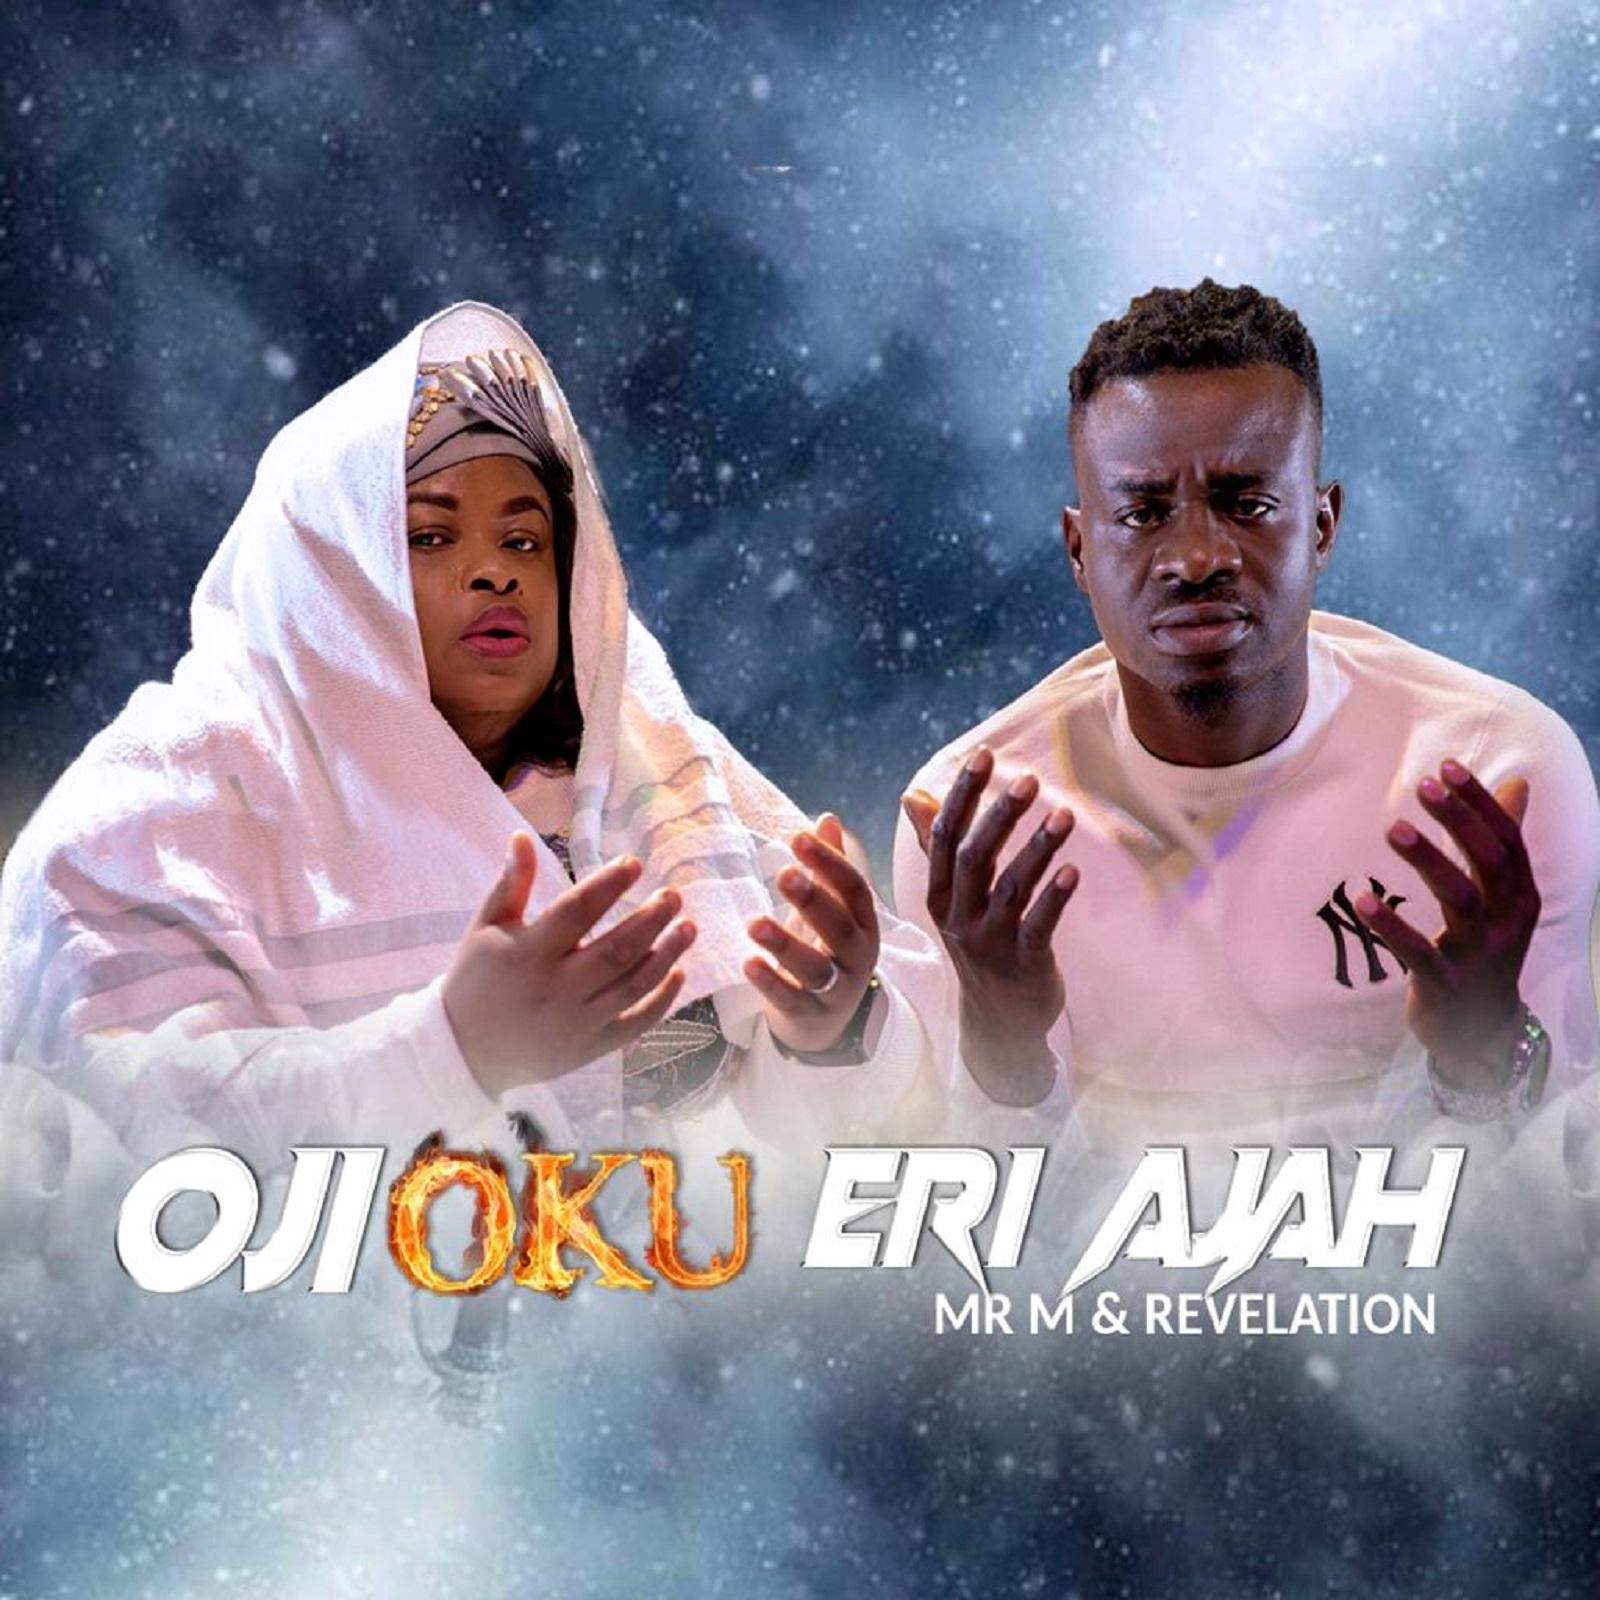 DOWNLOAD MP3: Mr. M & Revelation – Oji Oku Eri Aja